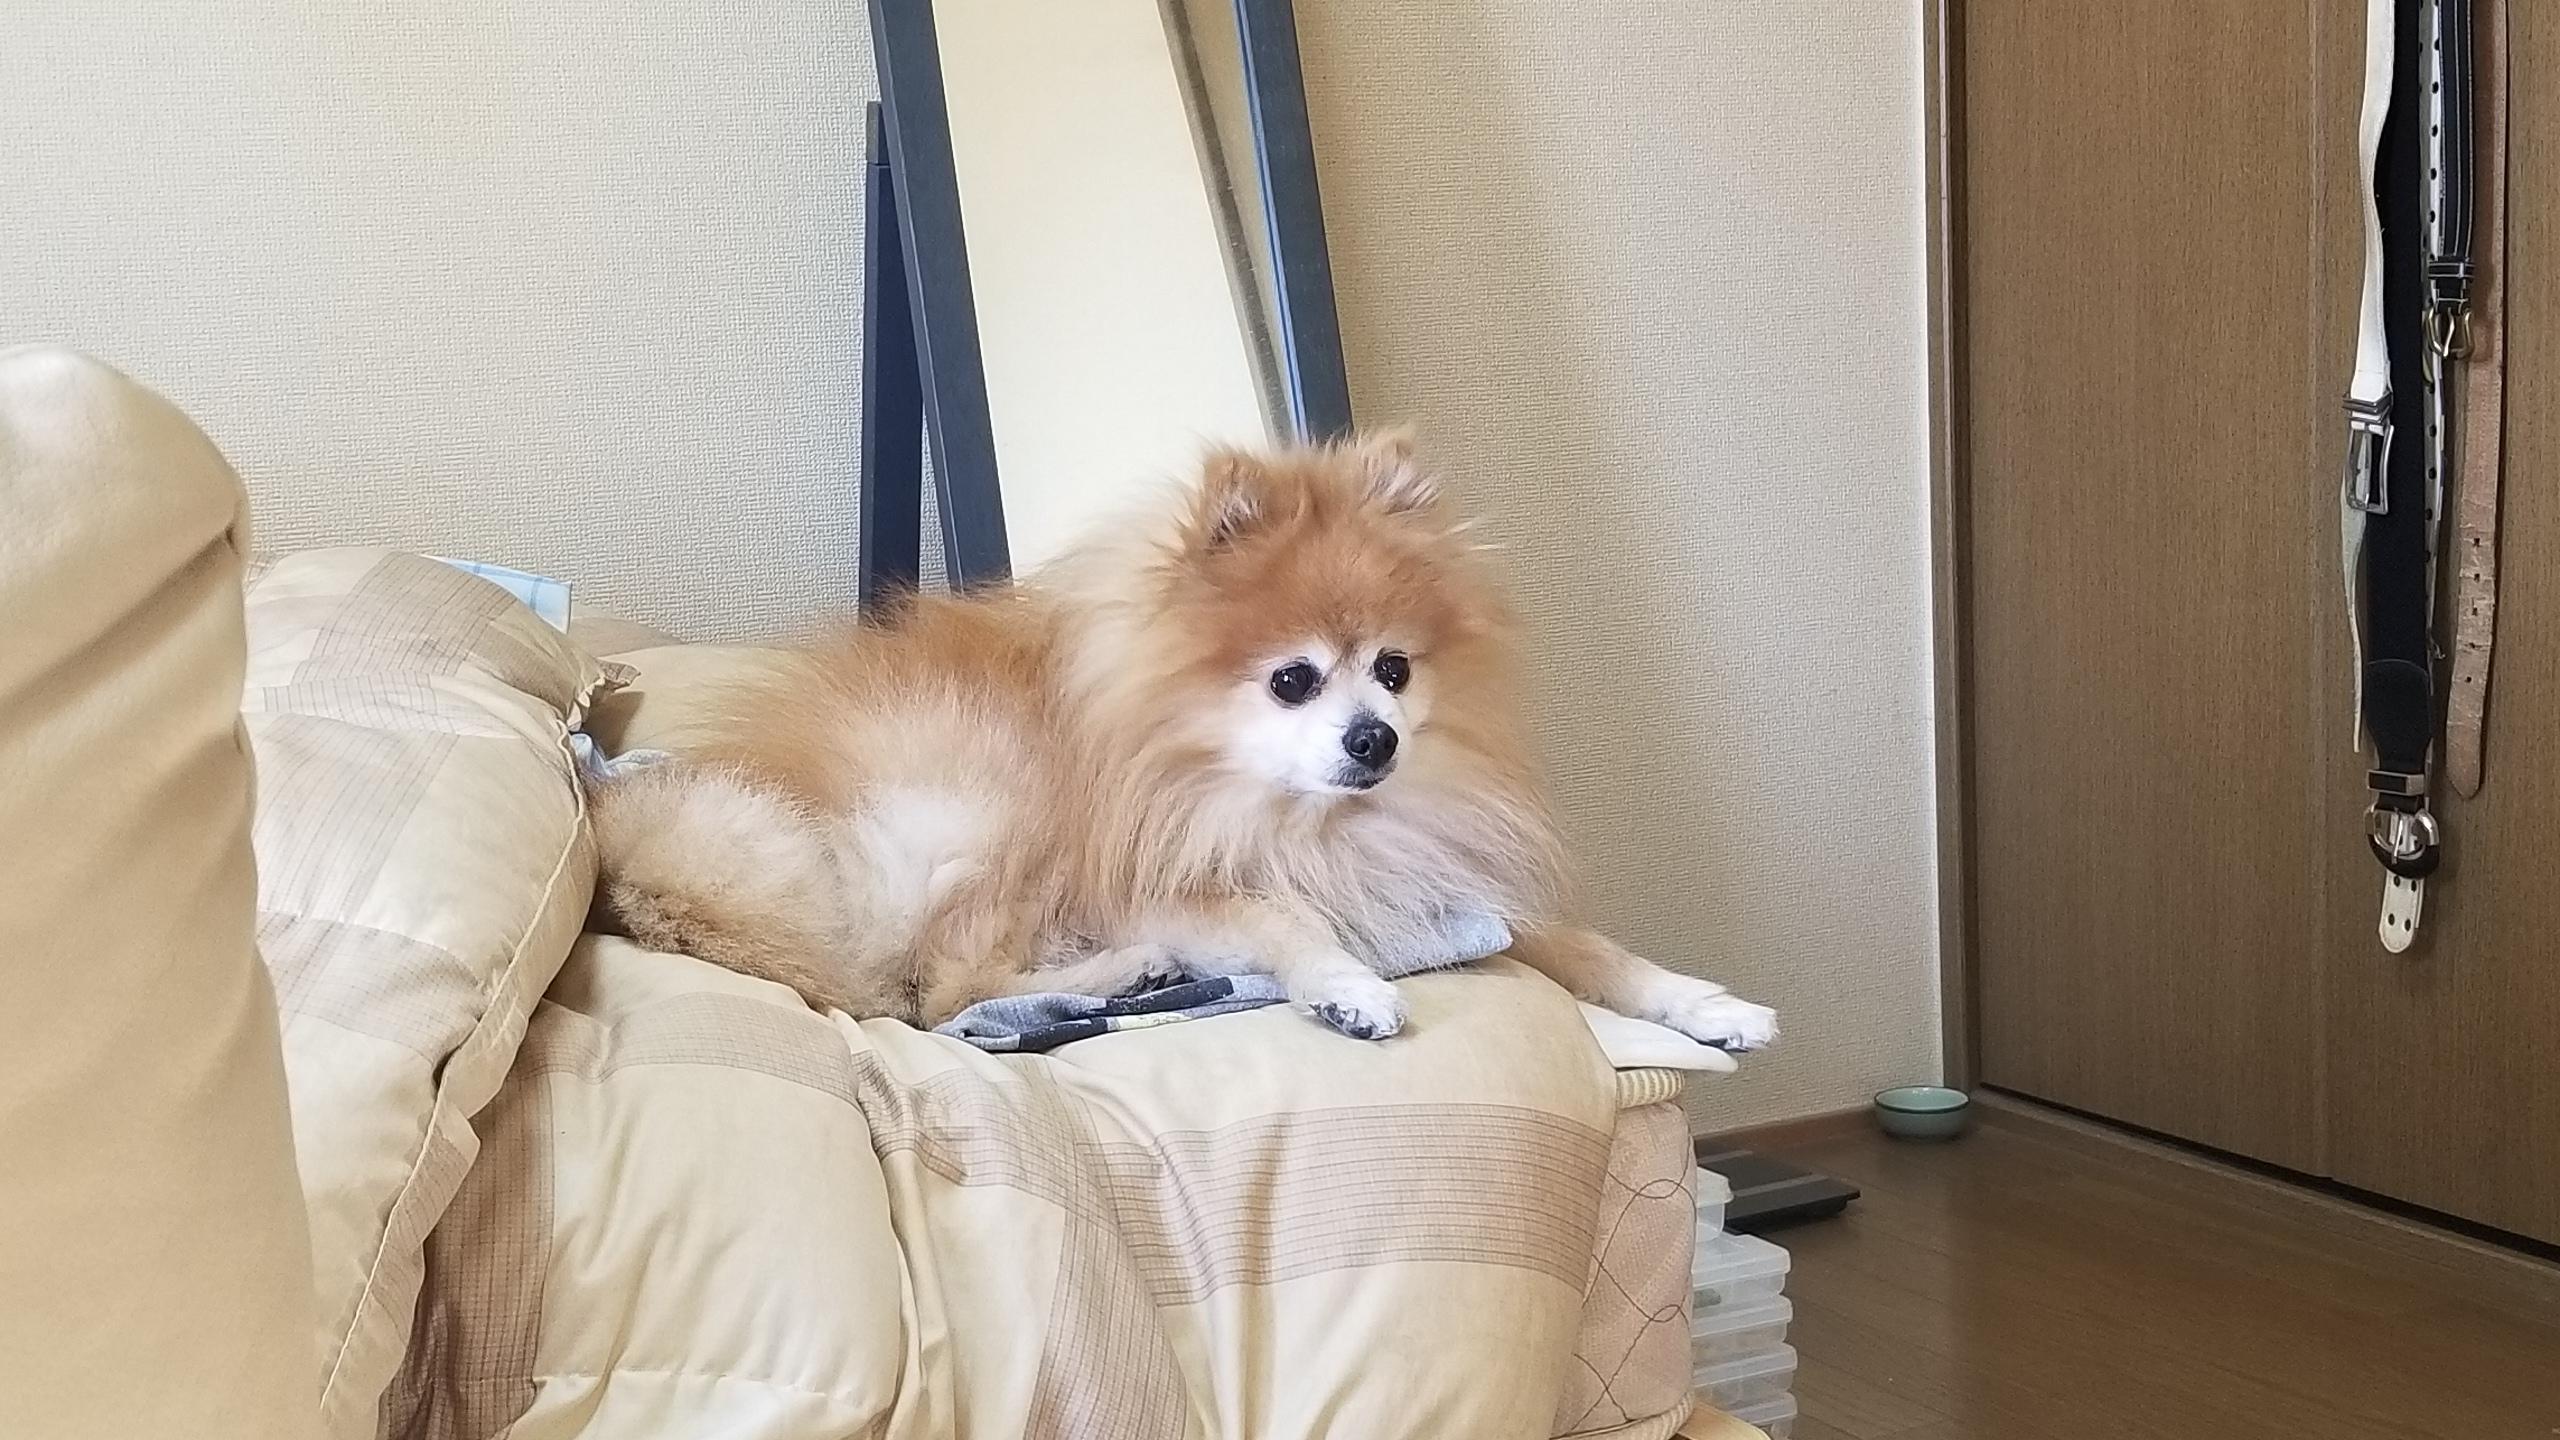 愛犬ペット,世界一かわいいポメラニアン,退屈そう,おとなしい,掃除